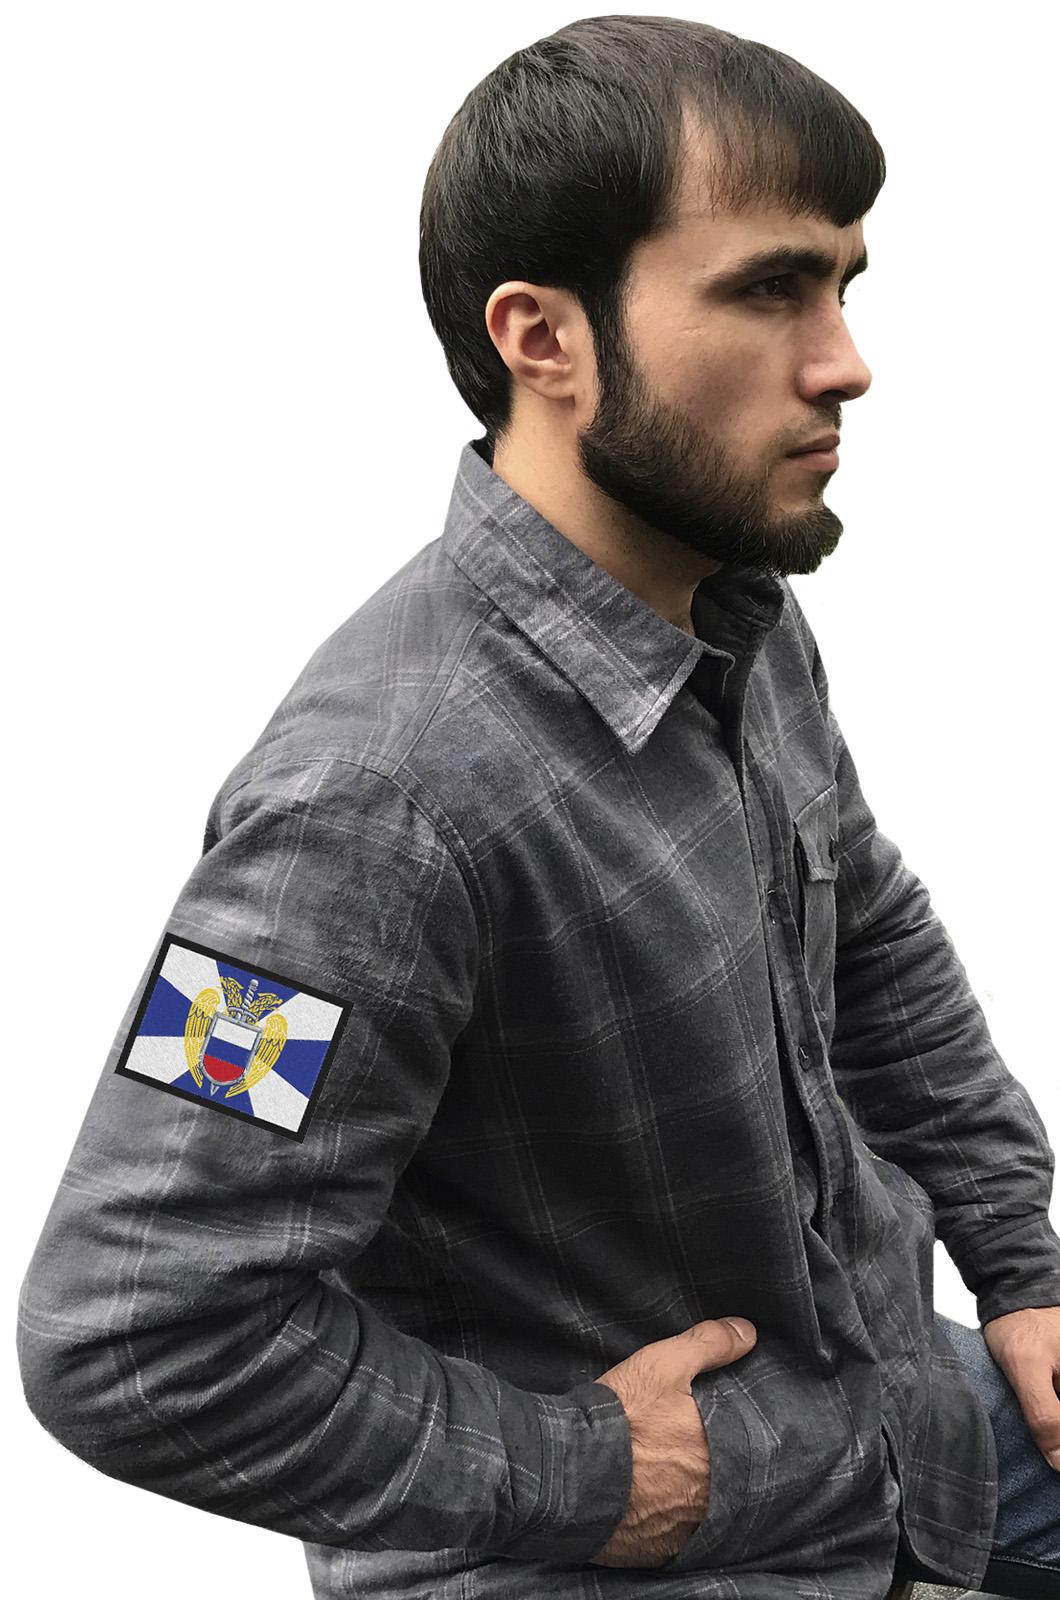 Строгая серая рубашка с вышитым шевроном ФСО - купить с доставкой